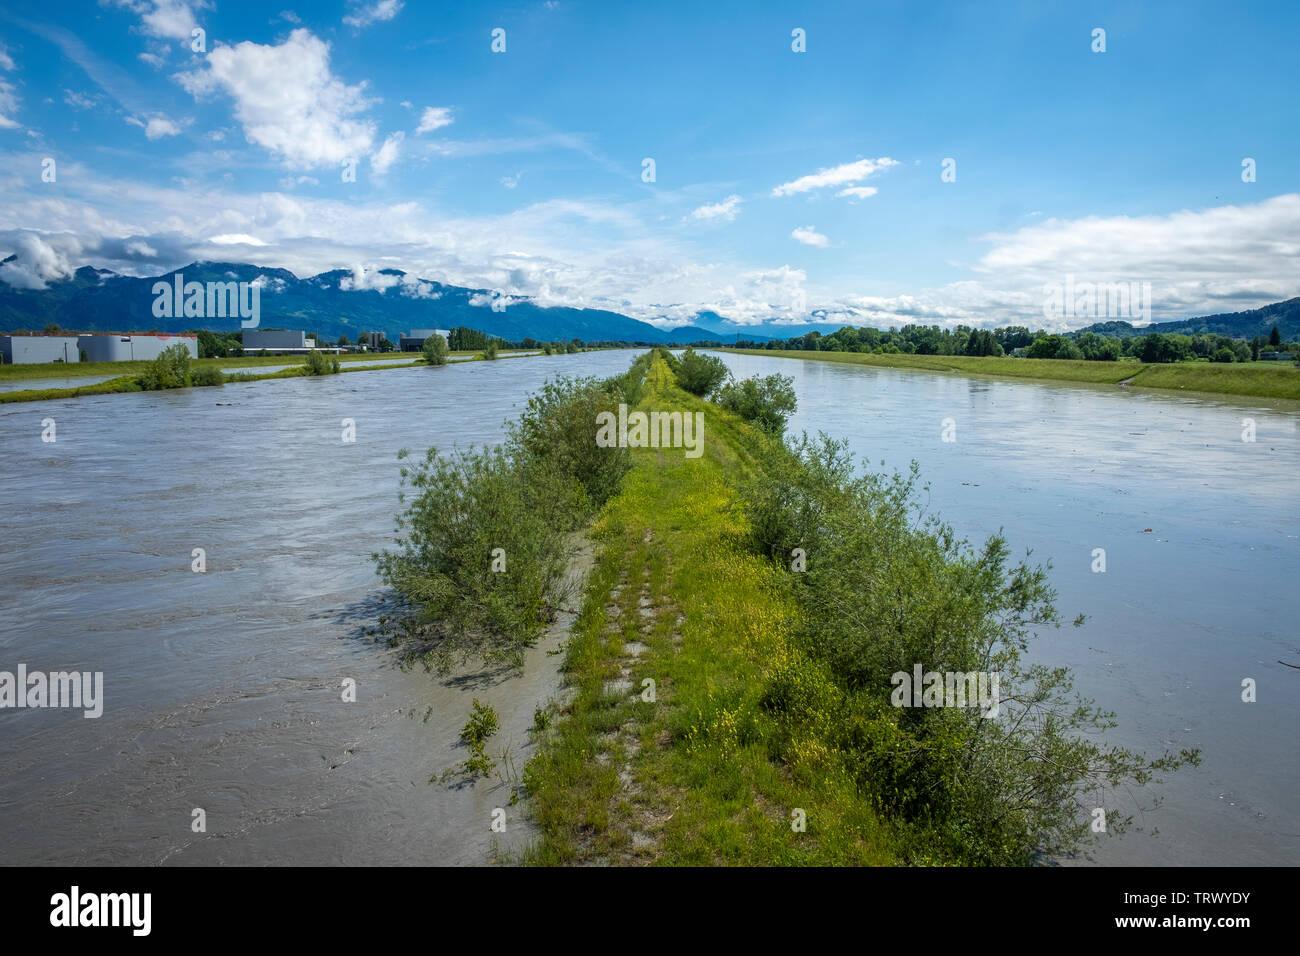 Überschwemmung und Hochwasser am Rhein - Stock Image